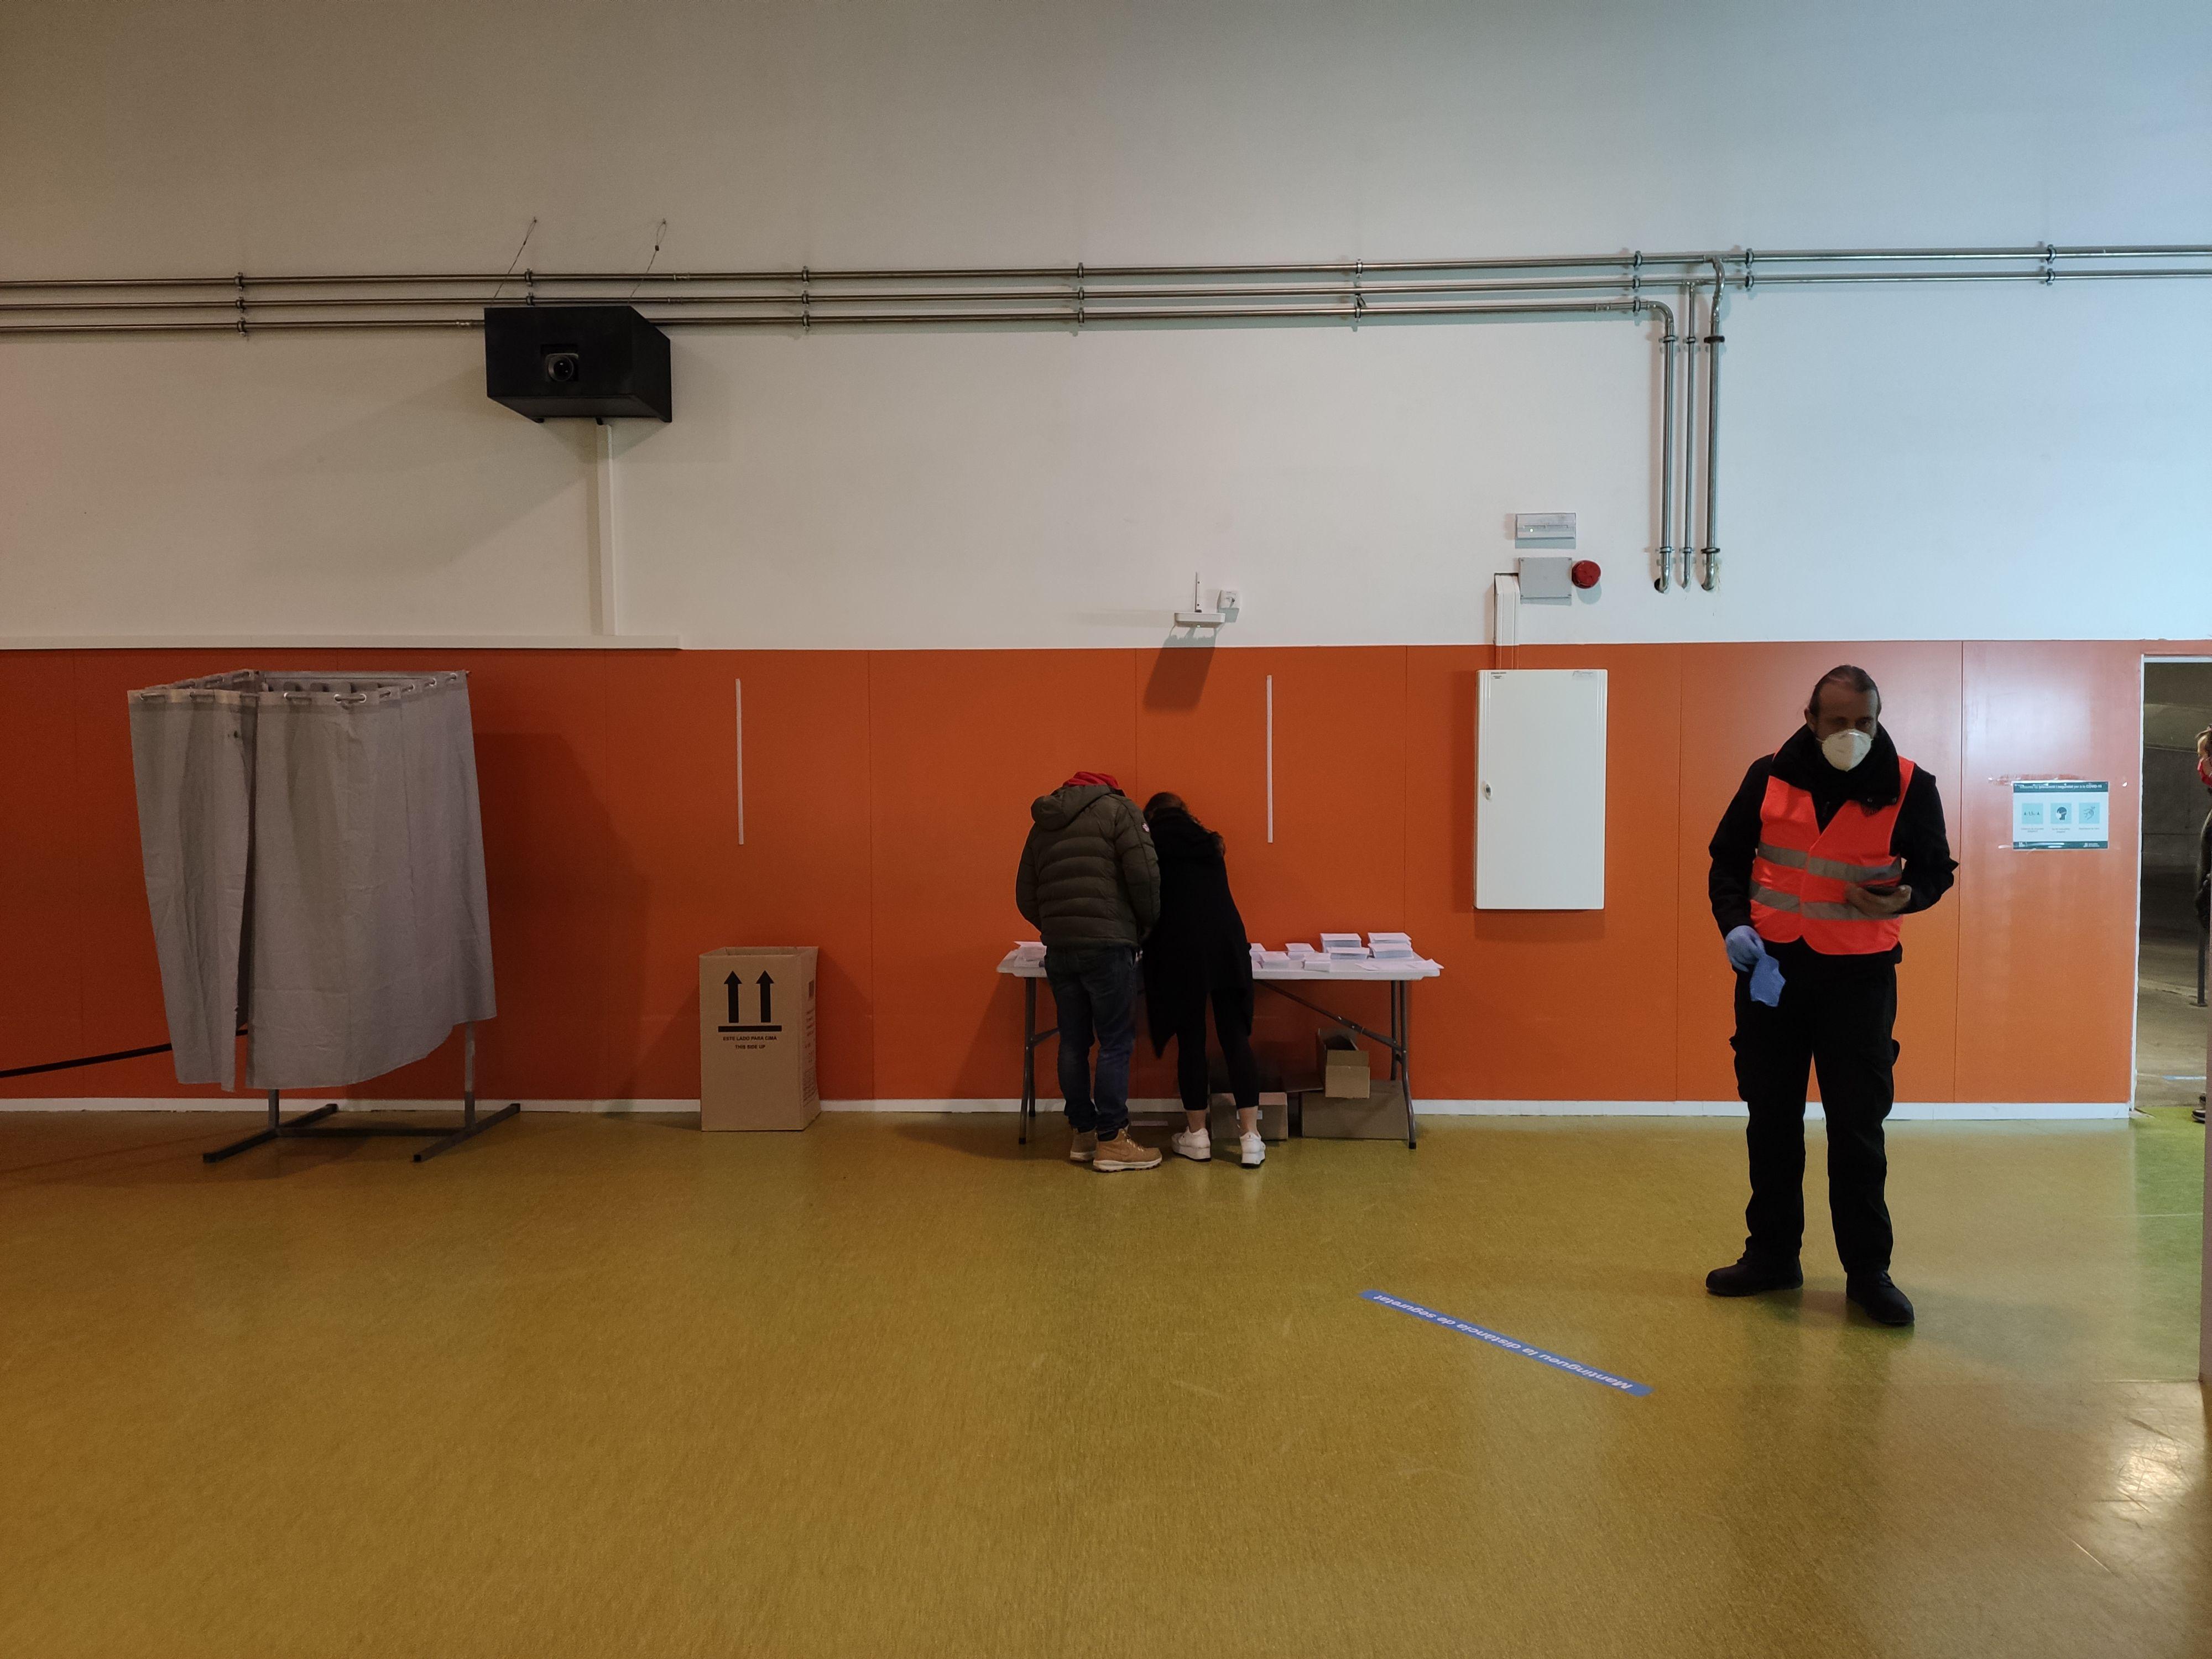 Eleccions del 14 de febrer a Rubí. FOTO: Núria H.